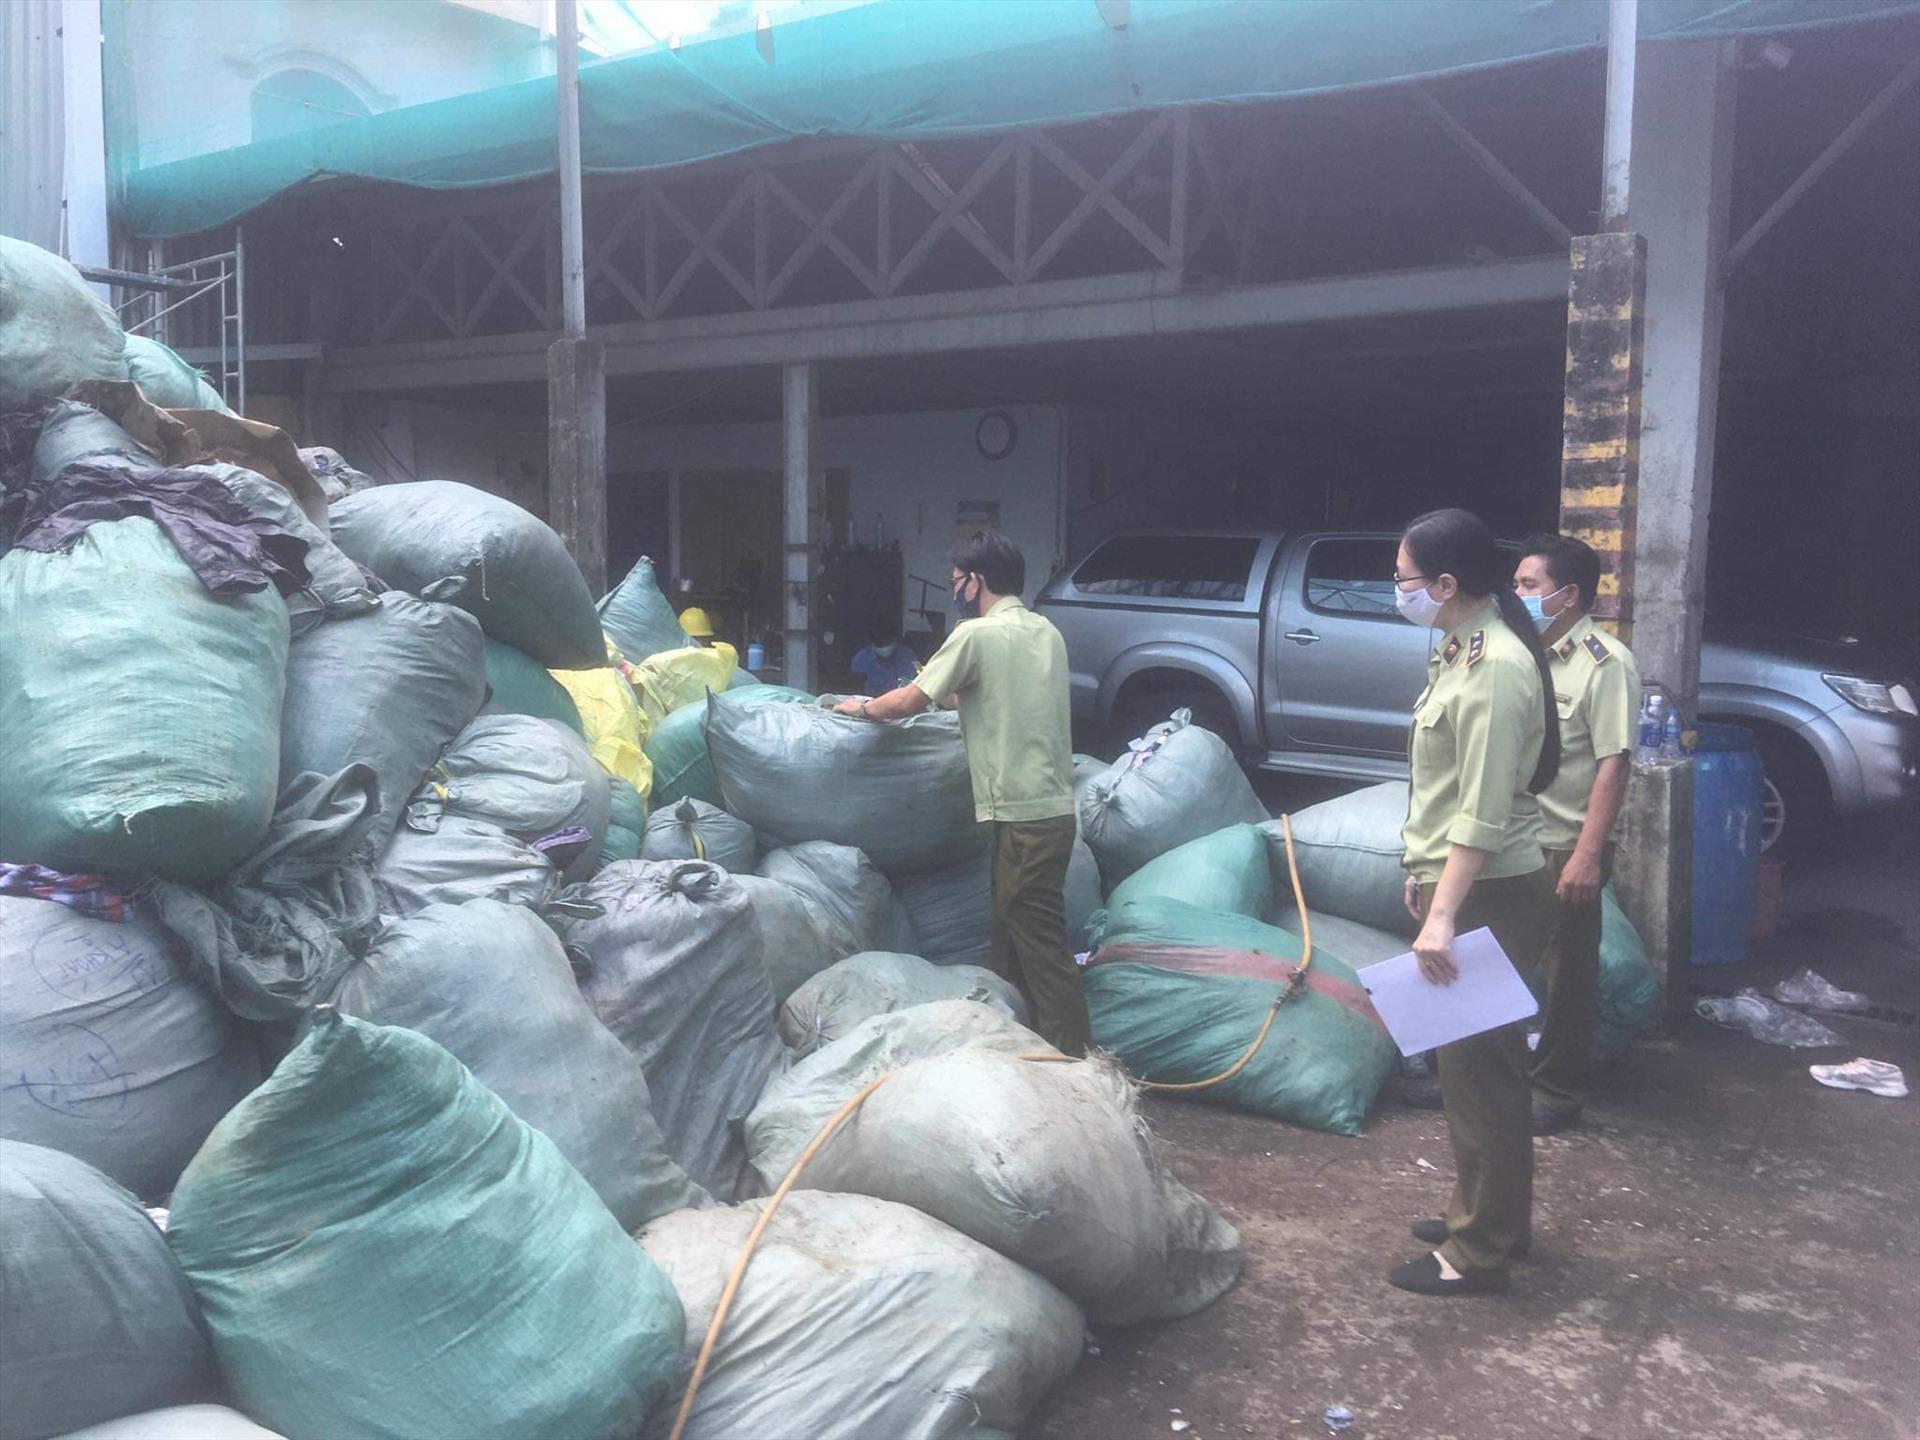 Cục Quản lý thị trường TP Hồ Chí Minh đã tiến hành tiêu hủy khoảng 40 ngàn sản phẩm là các lô hàng gian, hàng giả được bắt giữ trong thời gian qua. Ảnh QLTT